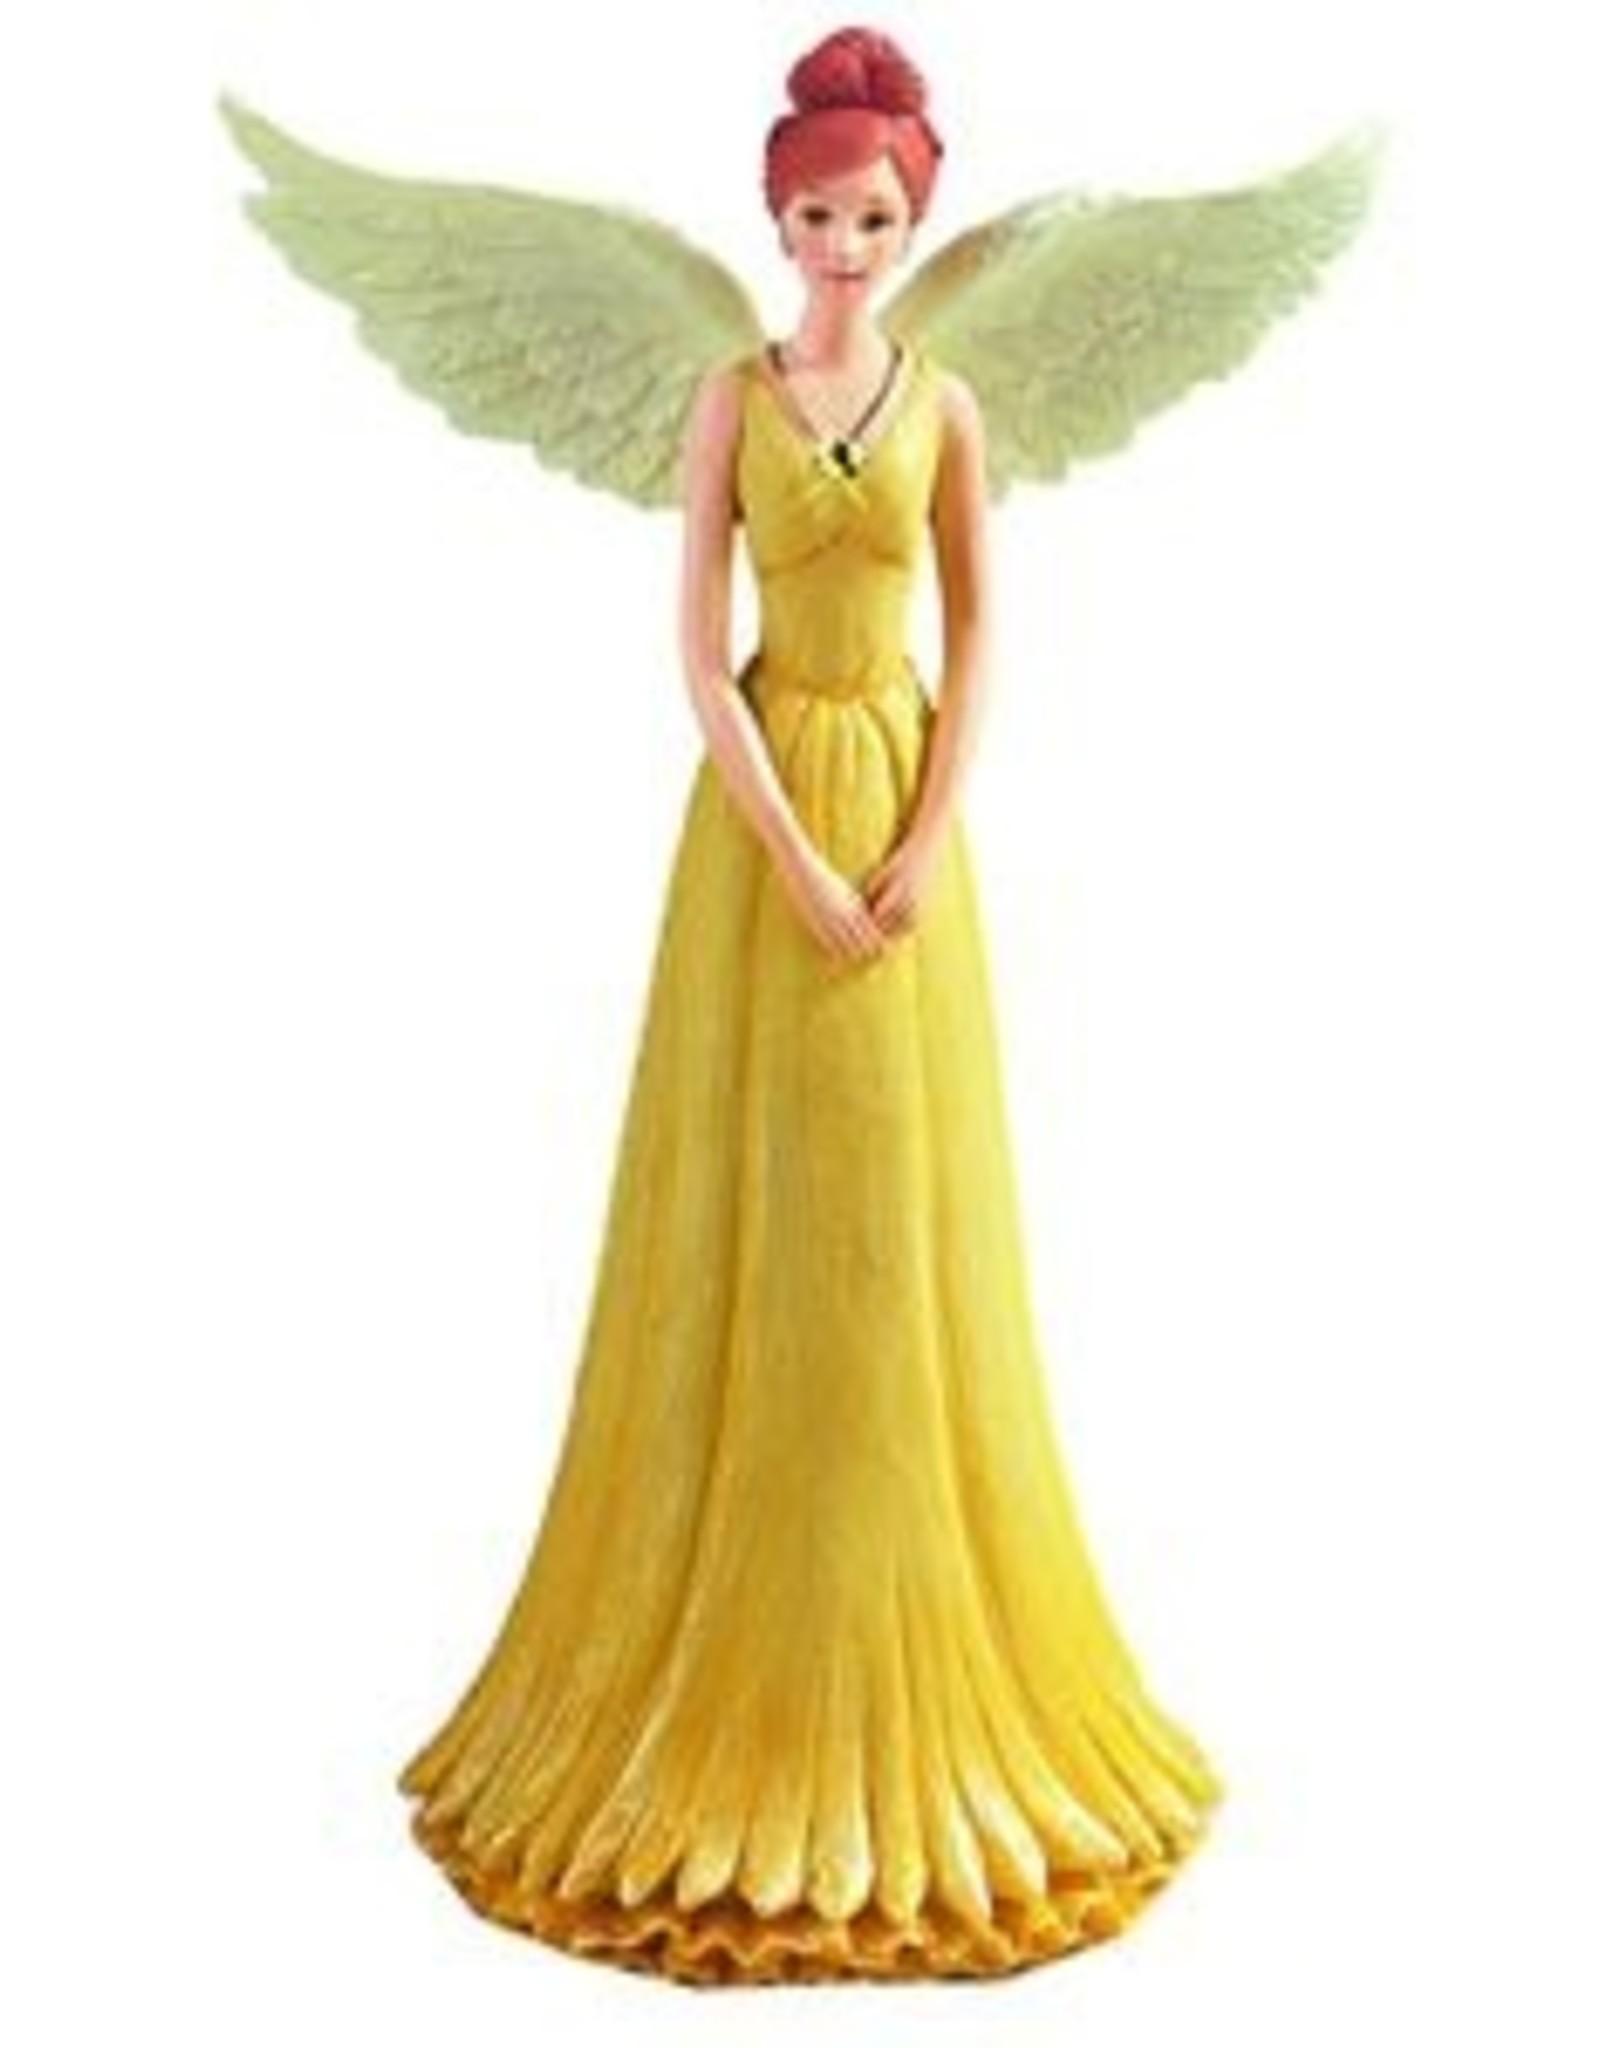 AUGUST ANGEL FIGURINE